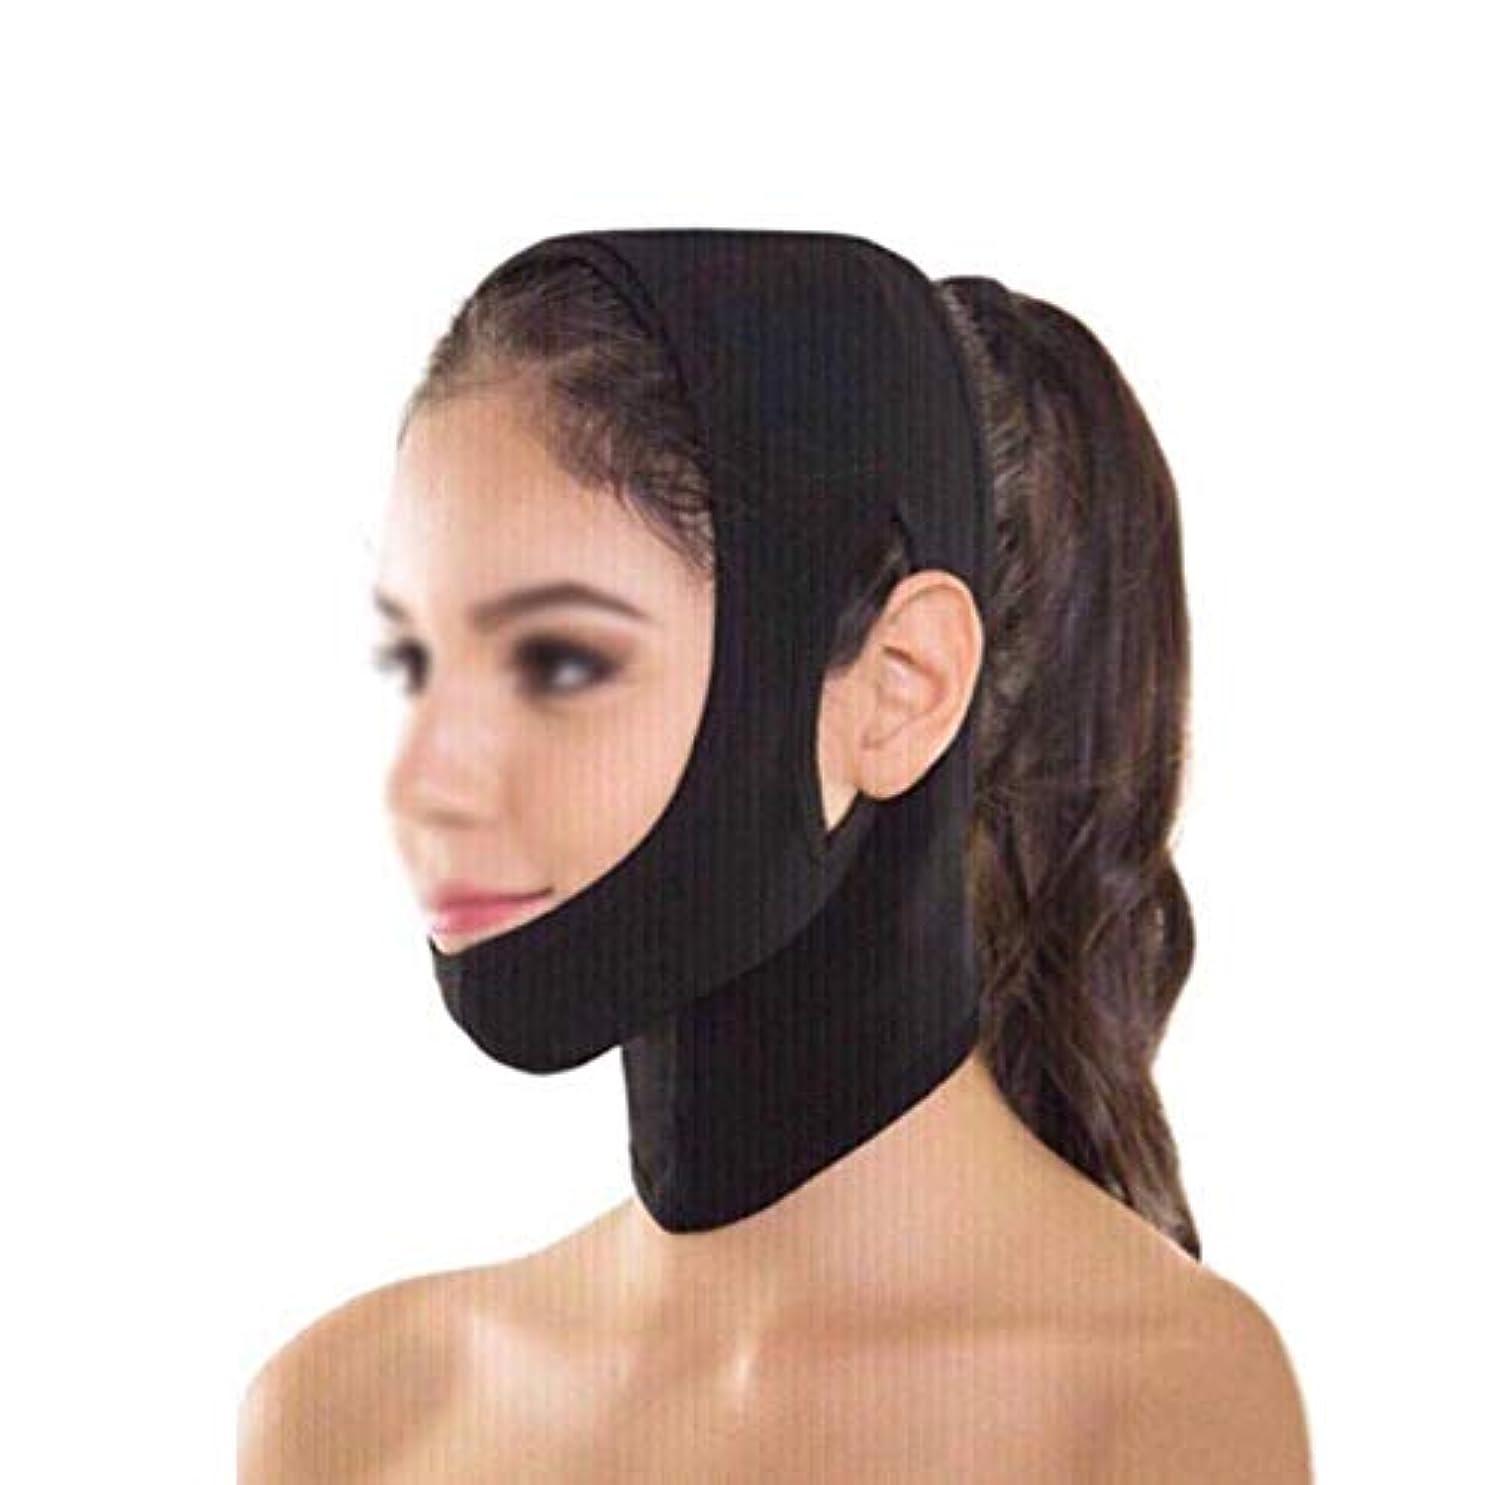 シエスタ報酬佐賀フェイスリフティングバンデージ、フェイスリフティングマスク、顔面の首と首を持ち上げる、顔を持ち上げて二重あごを減らす(フリーサイズ)(カラー:カーキ色),ブラック